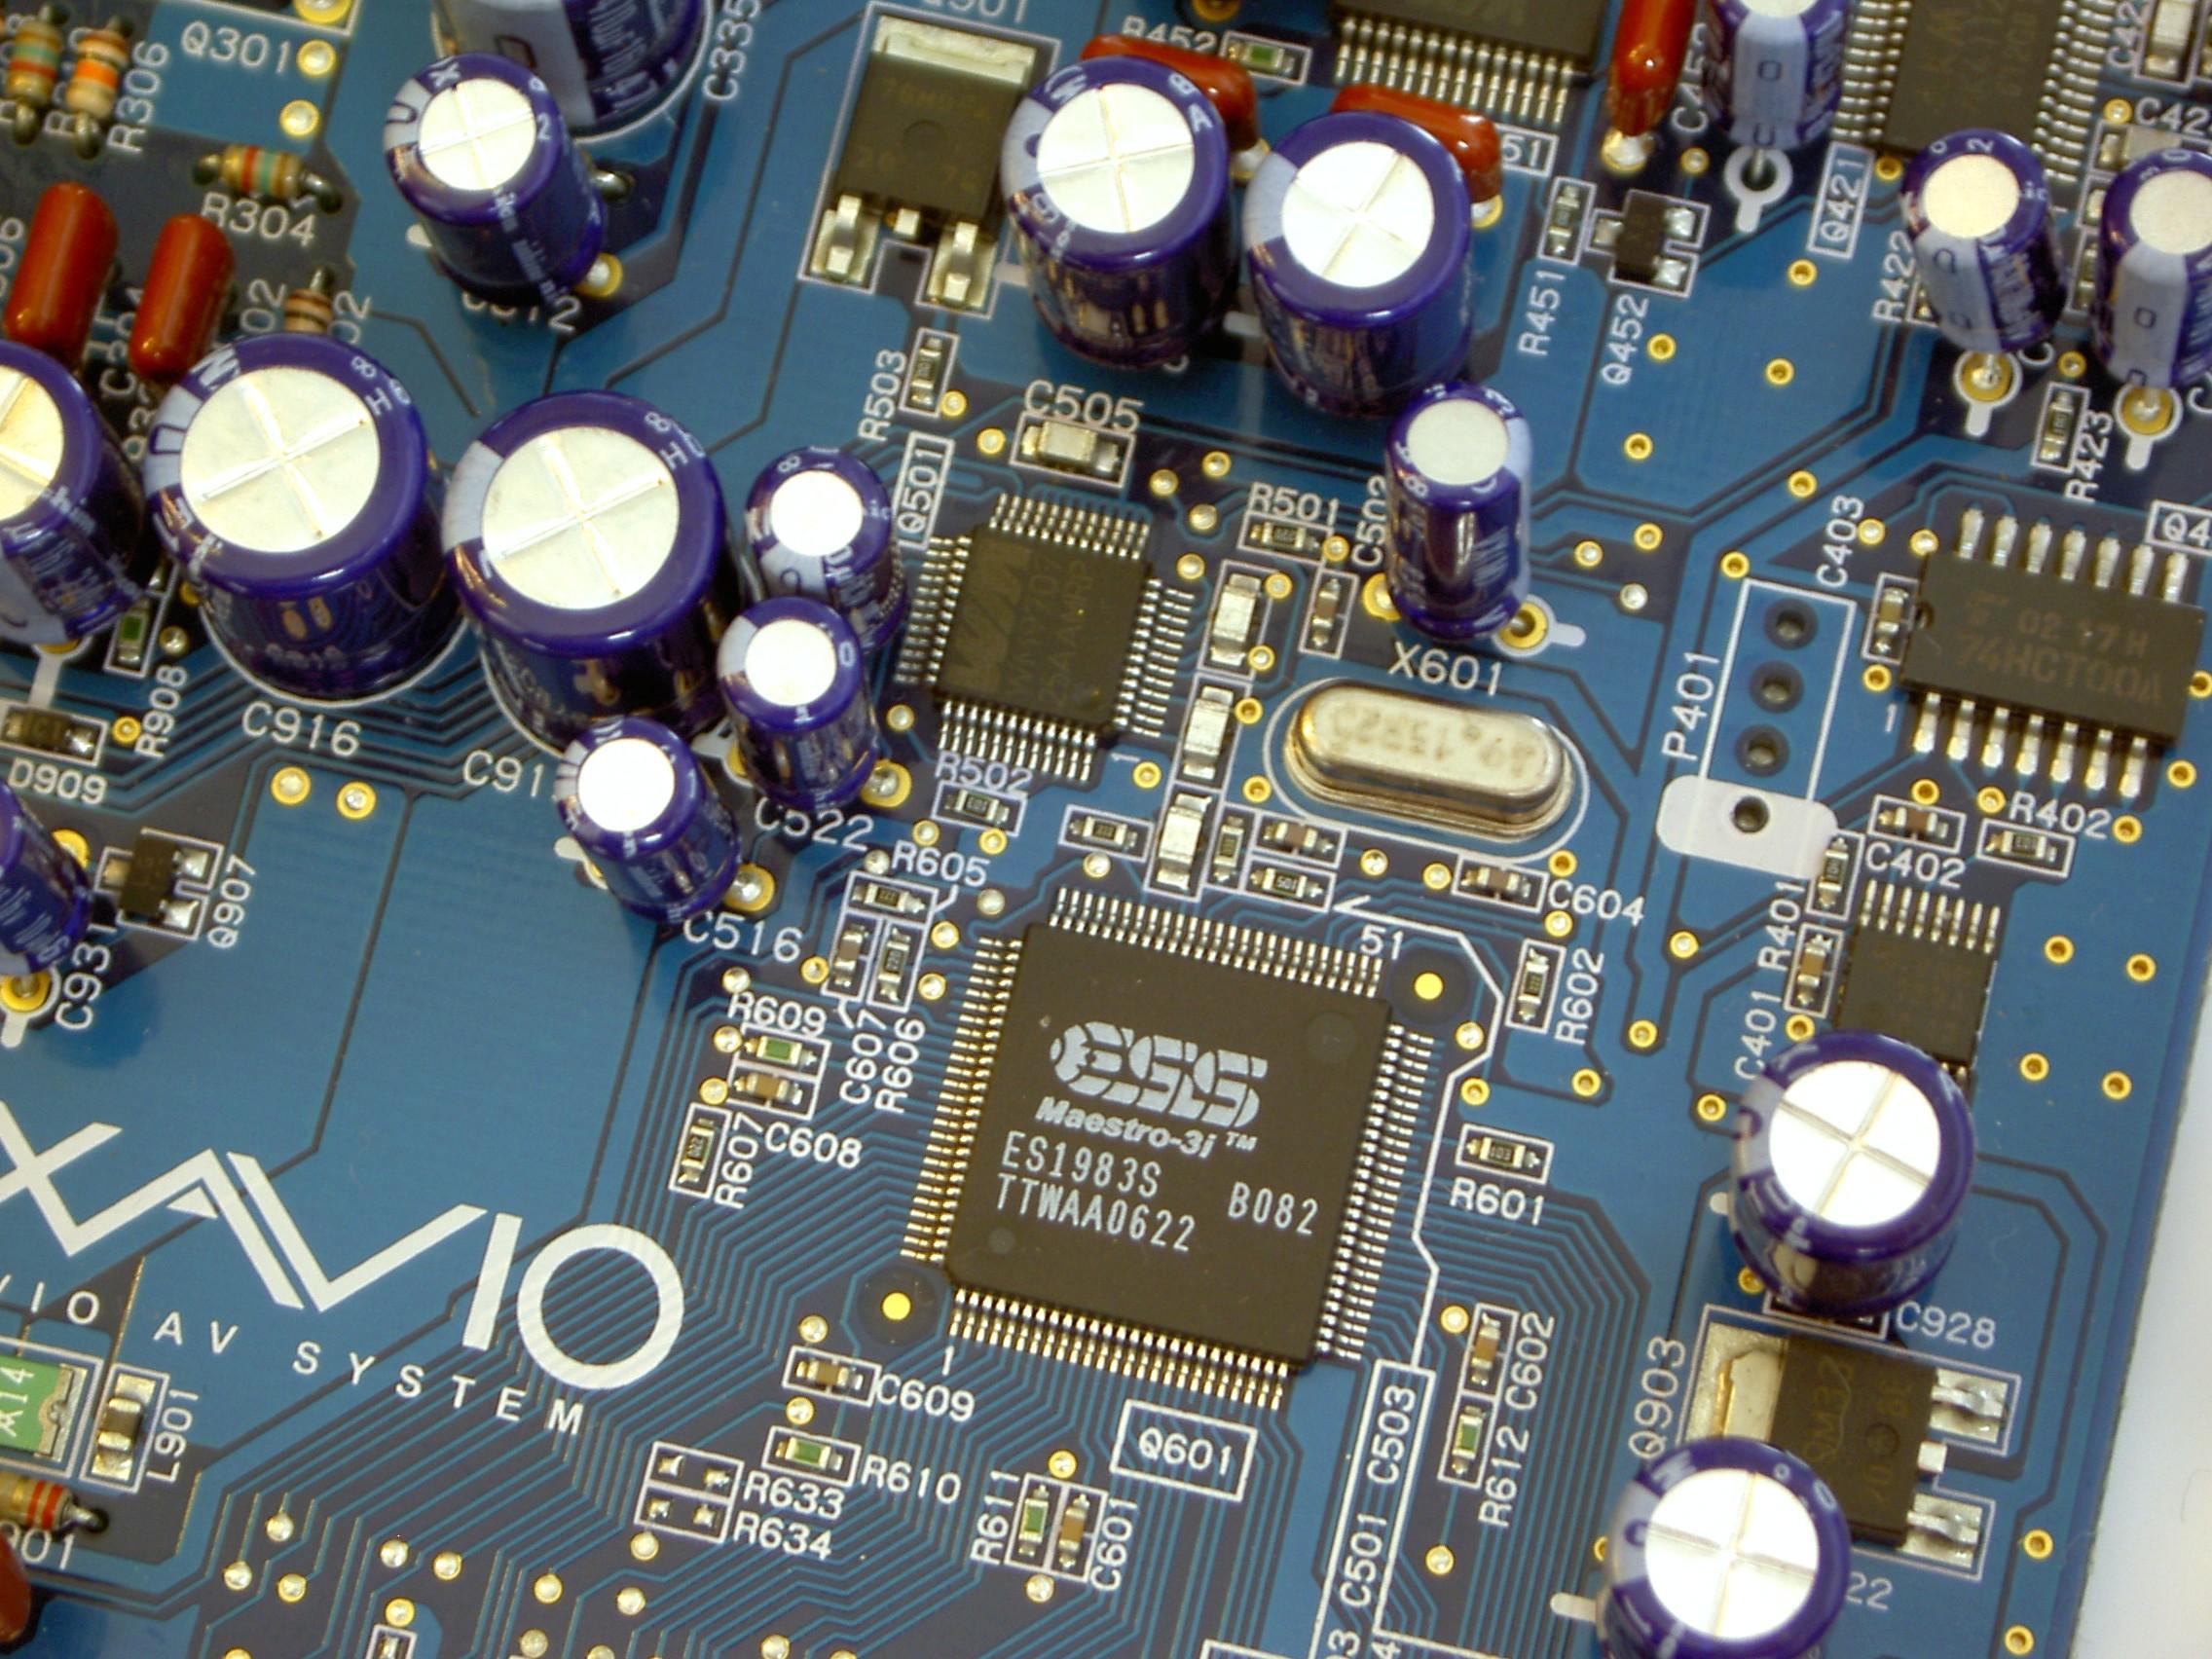 ESS MAESTRO 3 PCI AUDIO WDM DRIVER FOR MAC